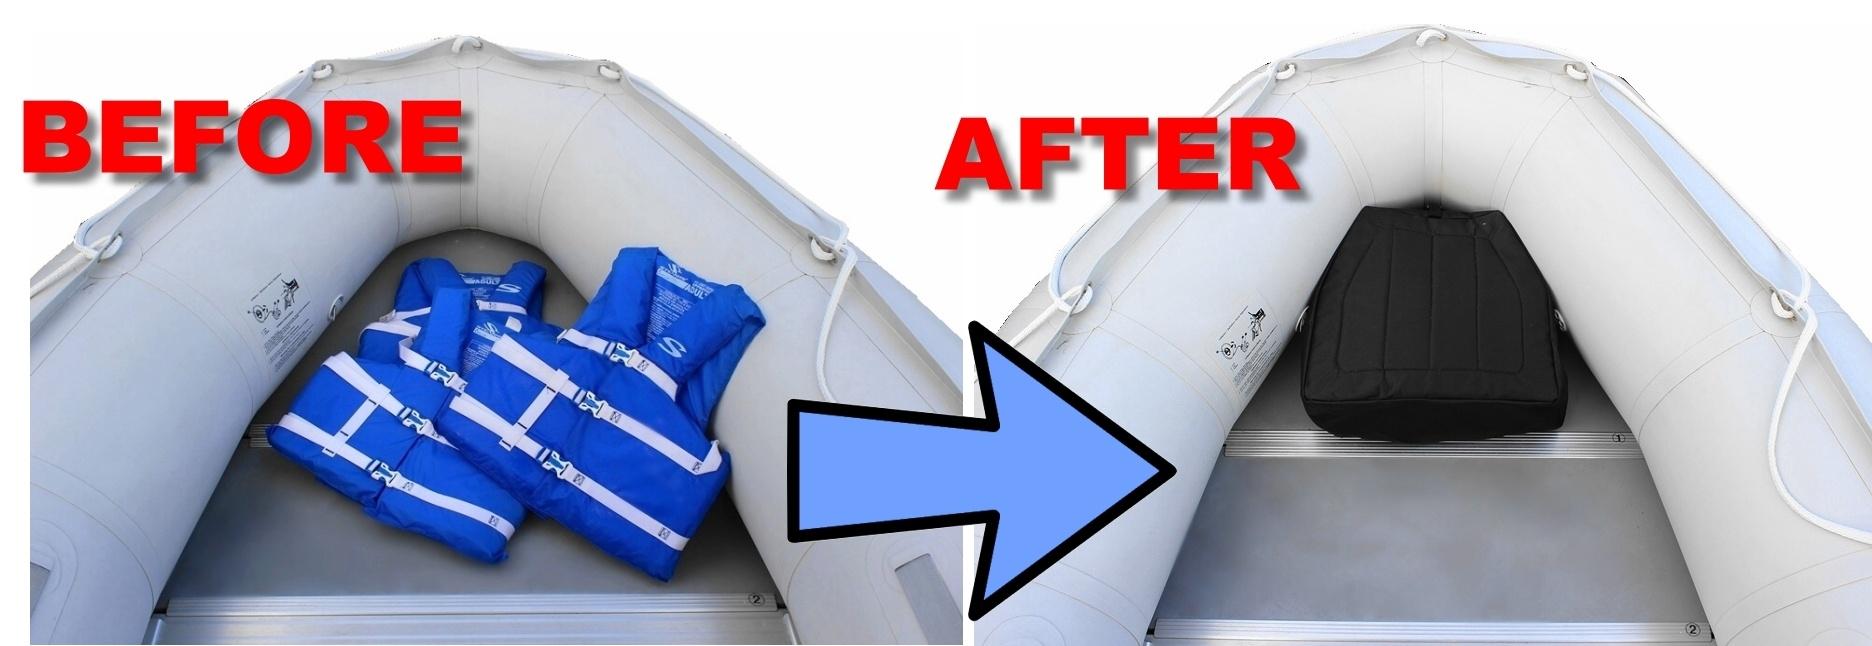 Boatstogo Introduces New Invention Life Jacket Storage